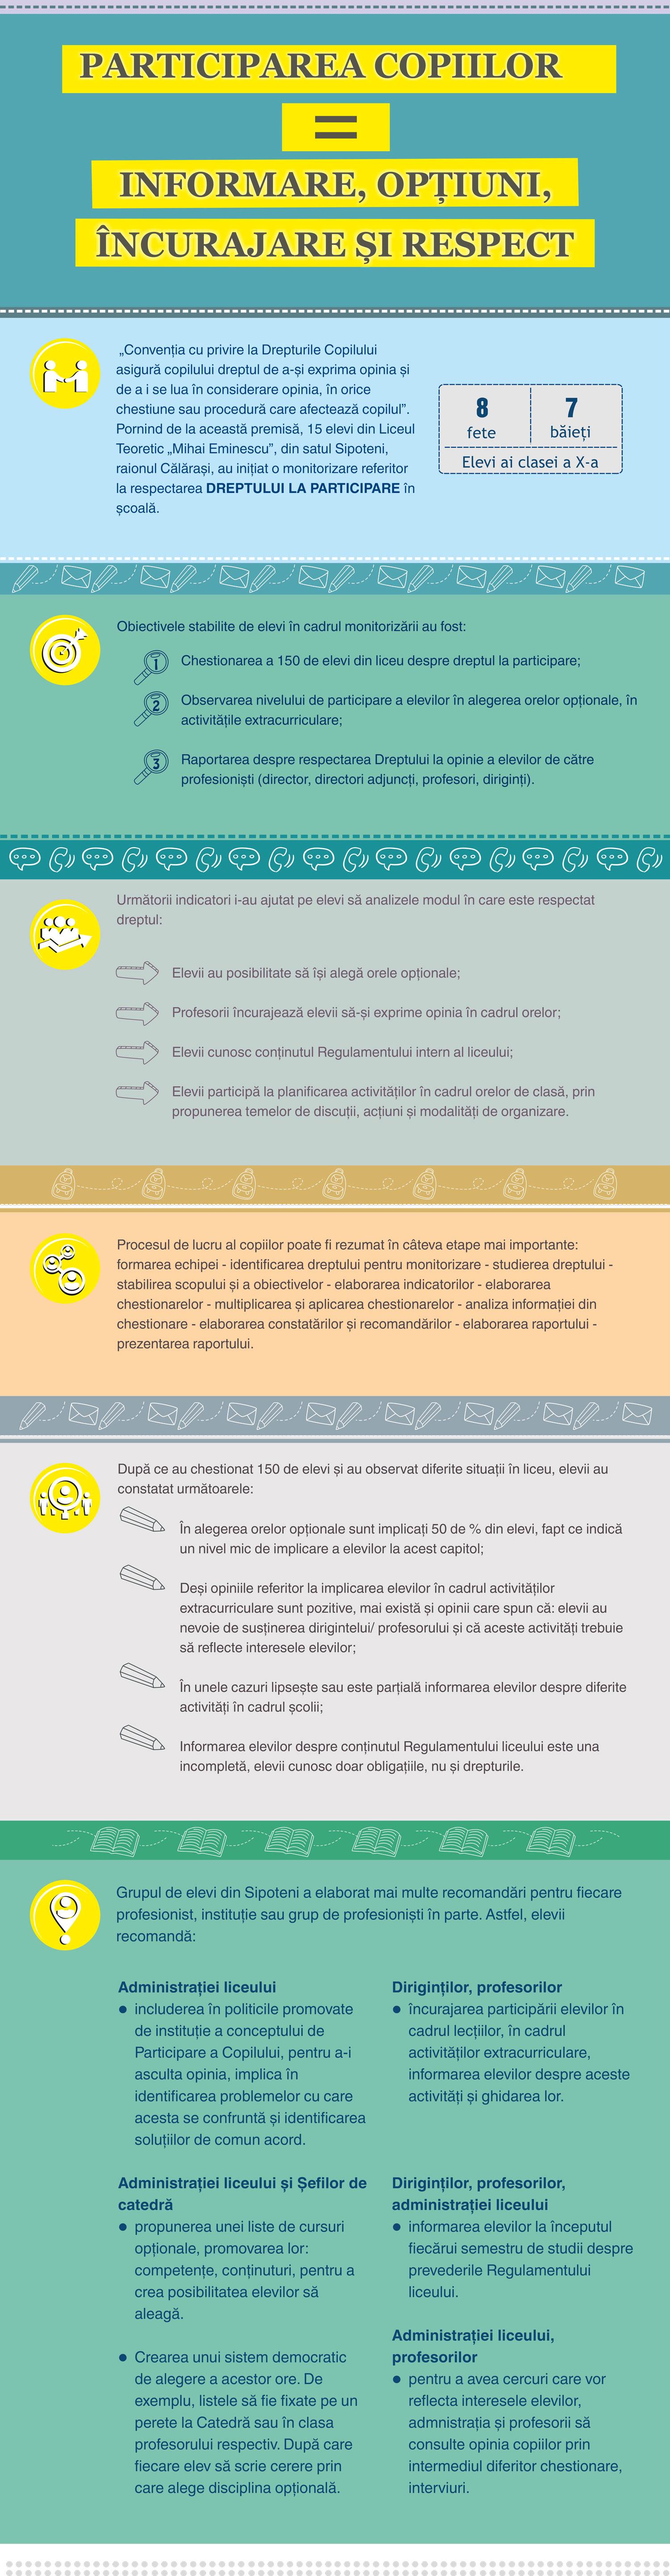 Participarea copiilor = informare, opțiuni, încurajare și respect